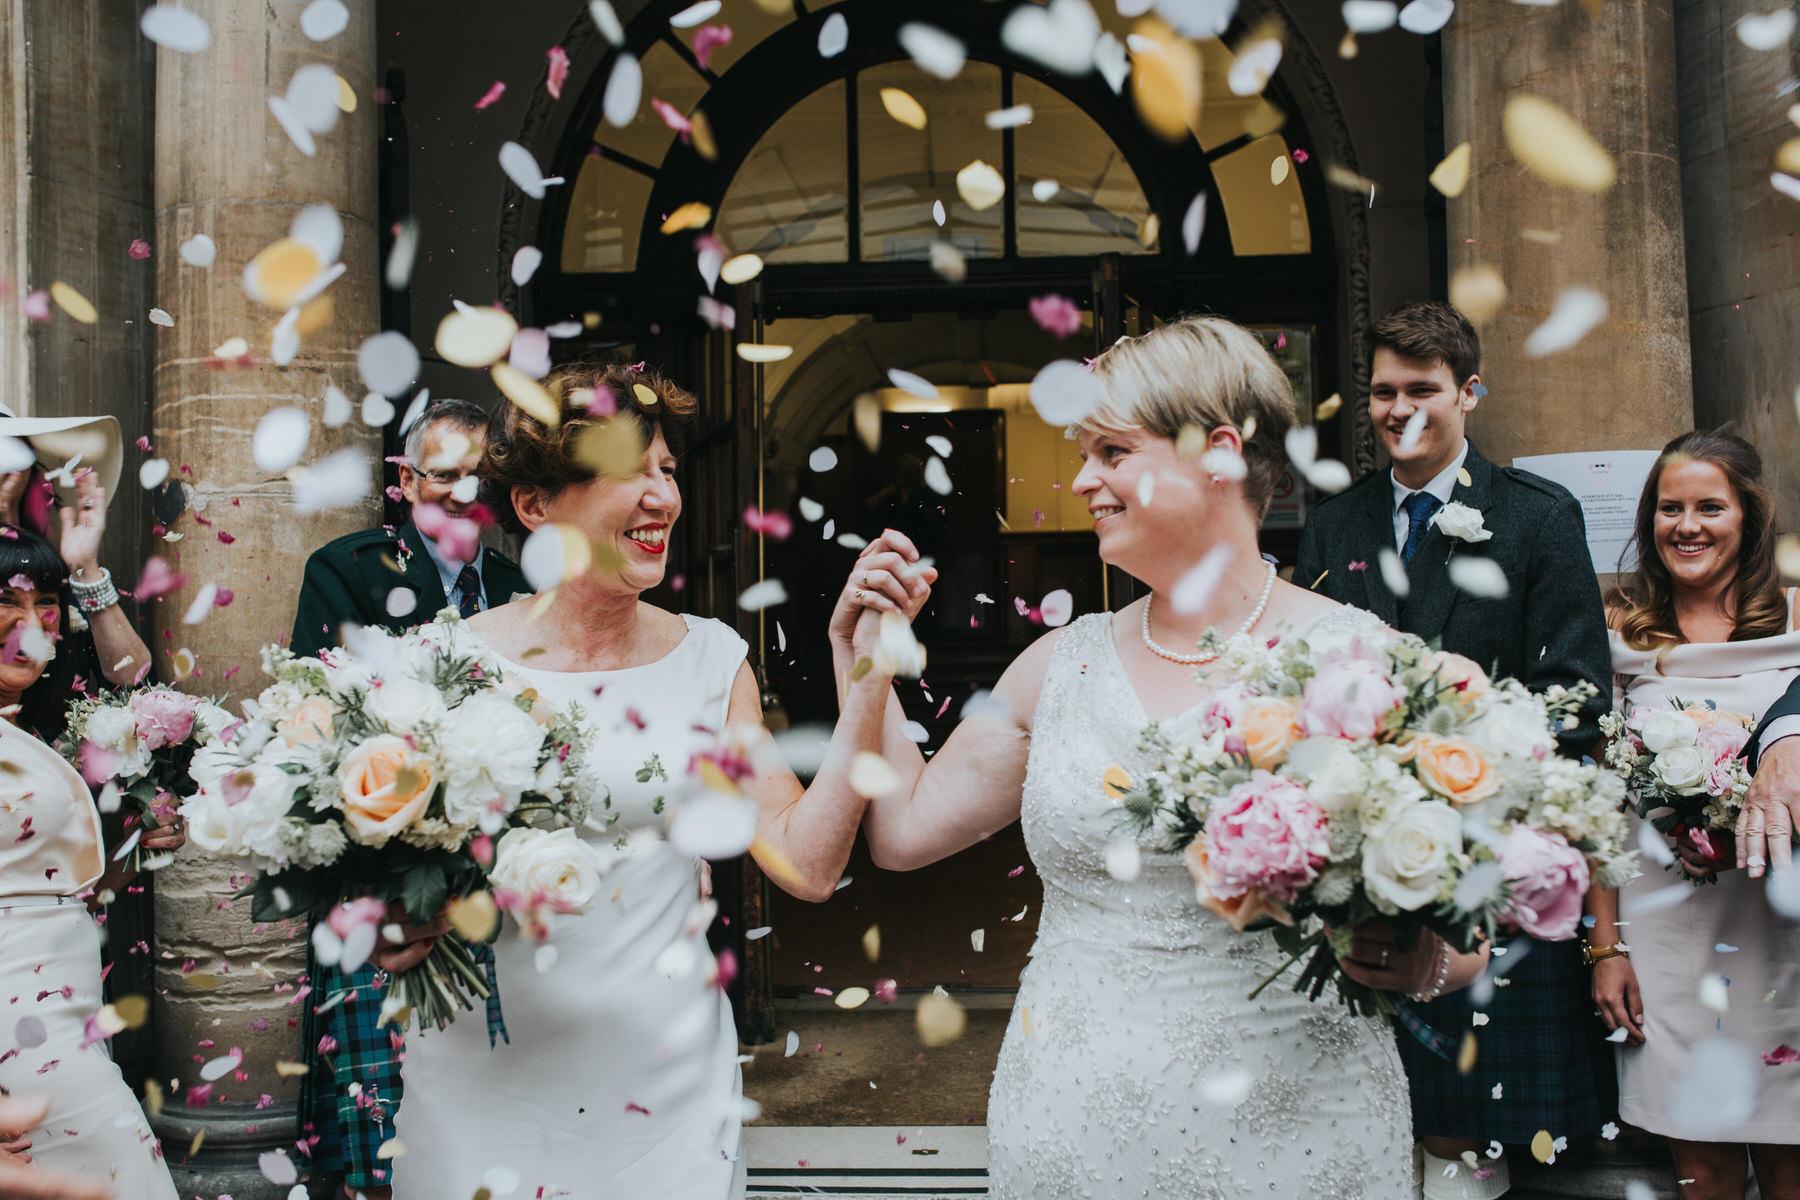 130-Finsbury Town Hall wedding two brides confetti.jpg